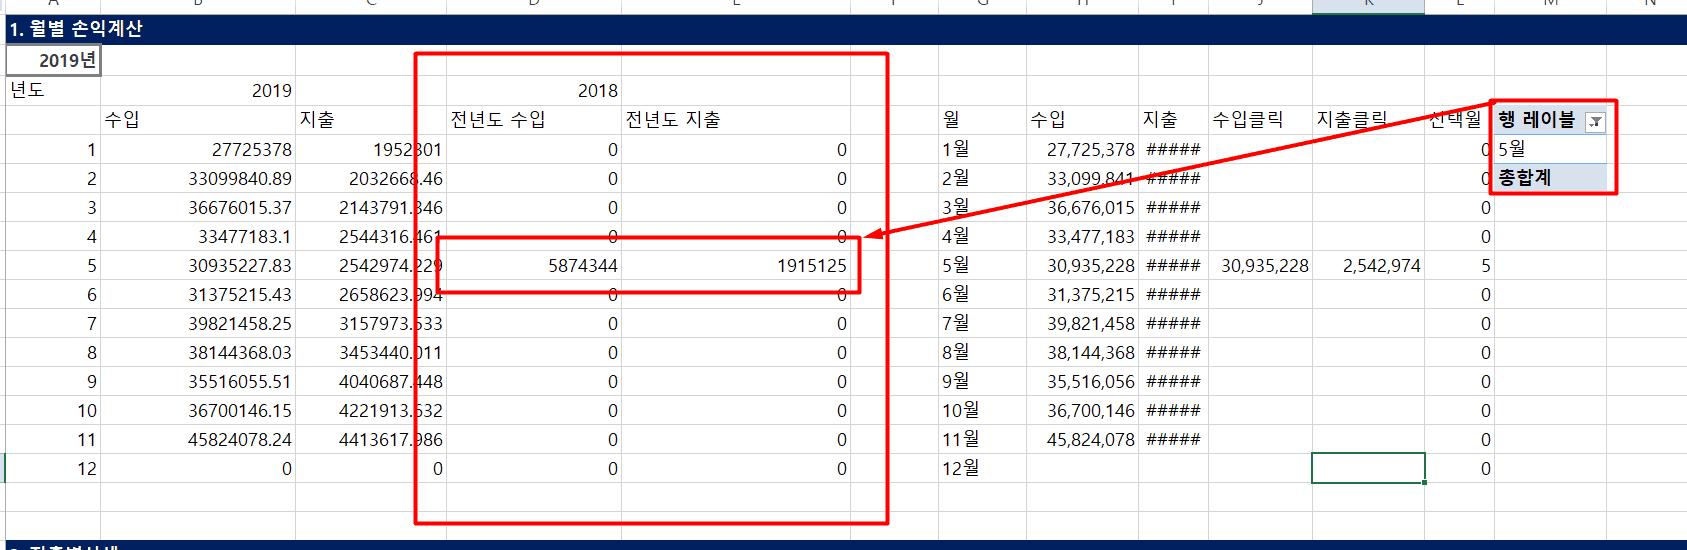 2c. 전년도의 수입과 지출 합계 계산 완료